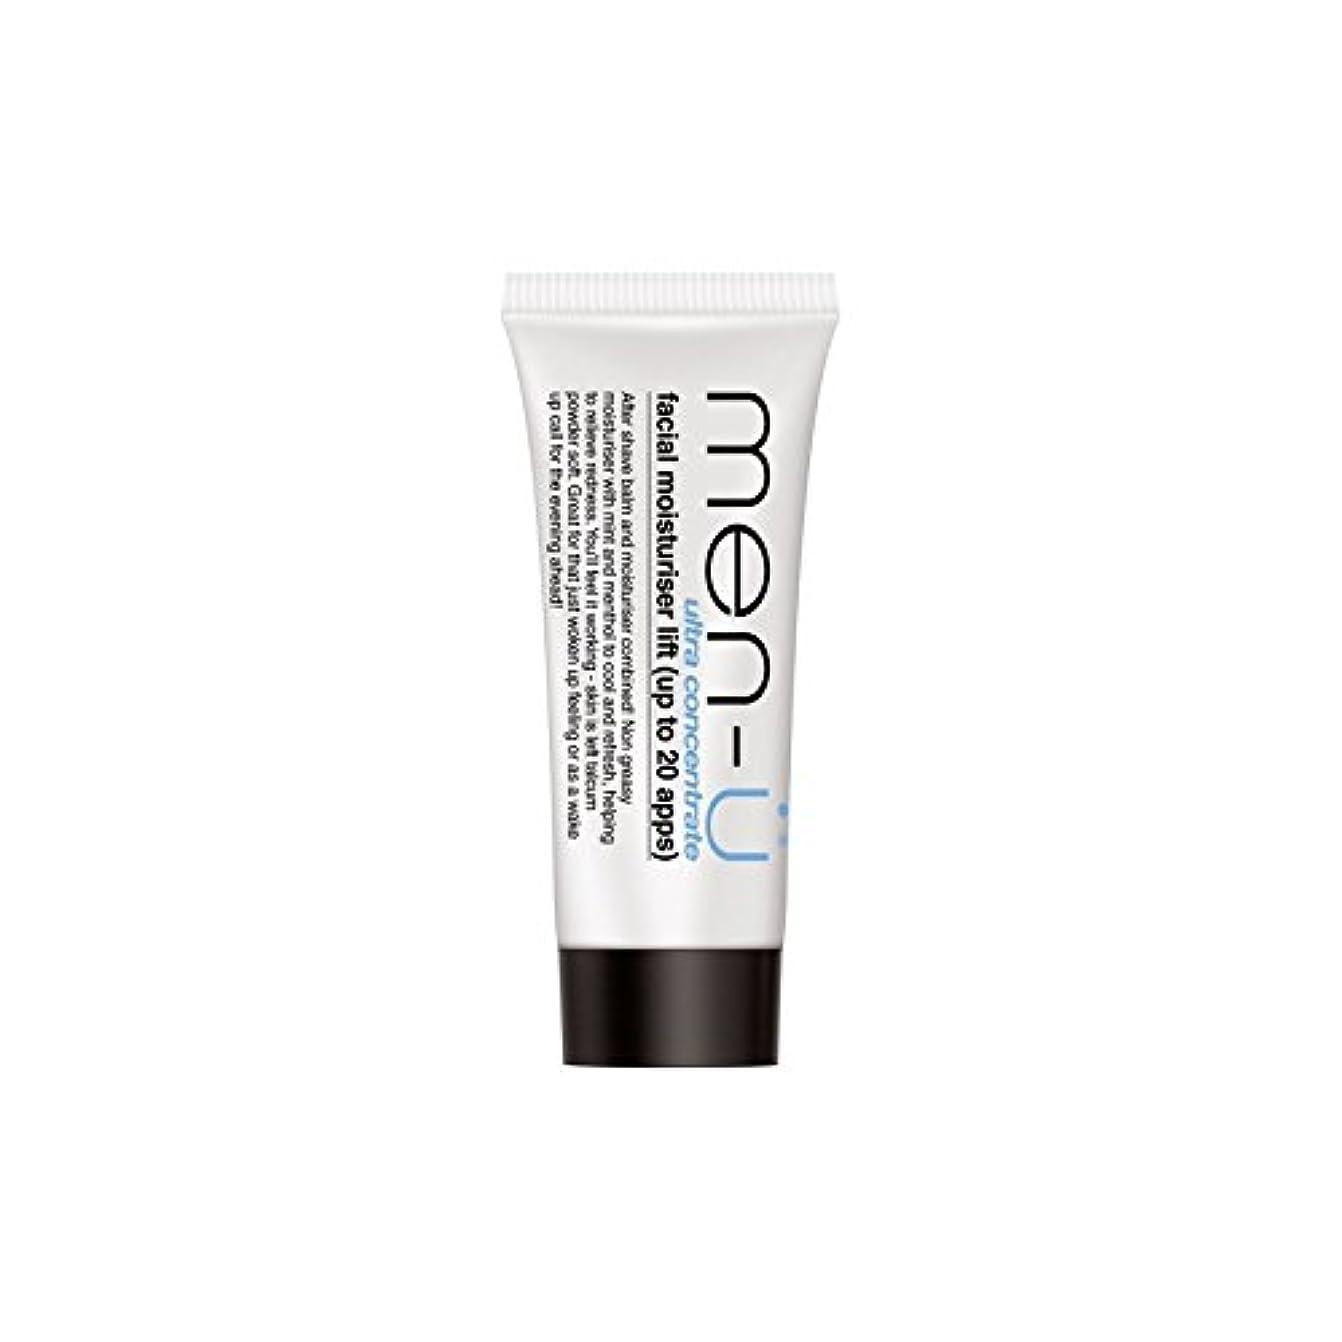 乱気流地味なフリースMen-? Buddy Facial Moisturiser Lift Tube (15ml) (Pack of 6) - 男性-のバディ顔の保湿剤のリフトチューブ(15ミリリットル) x6 [並行輸入品]